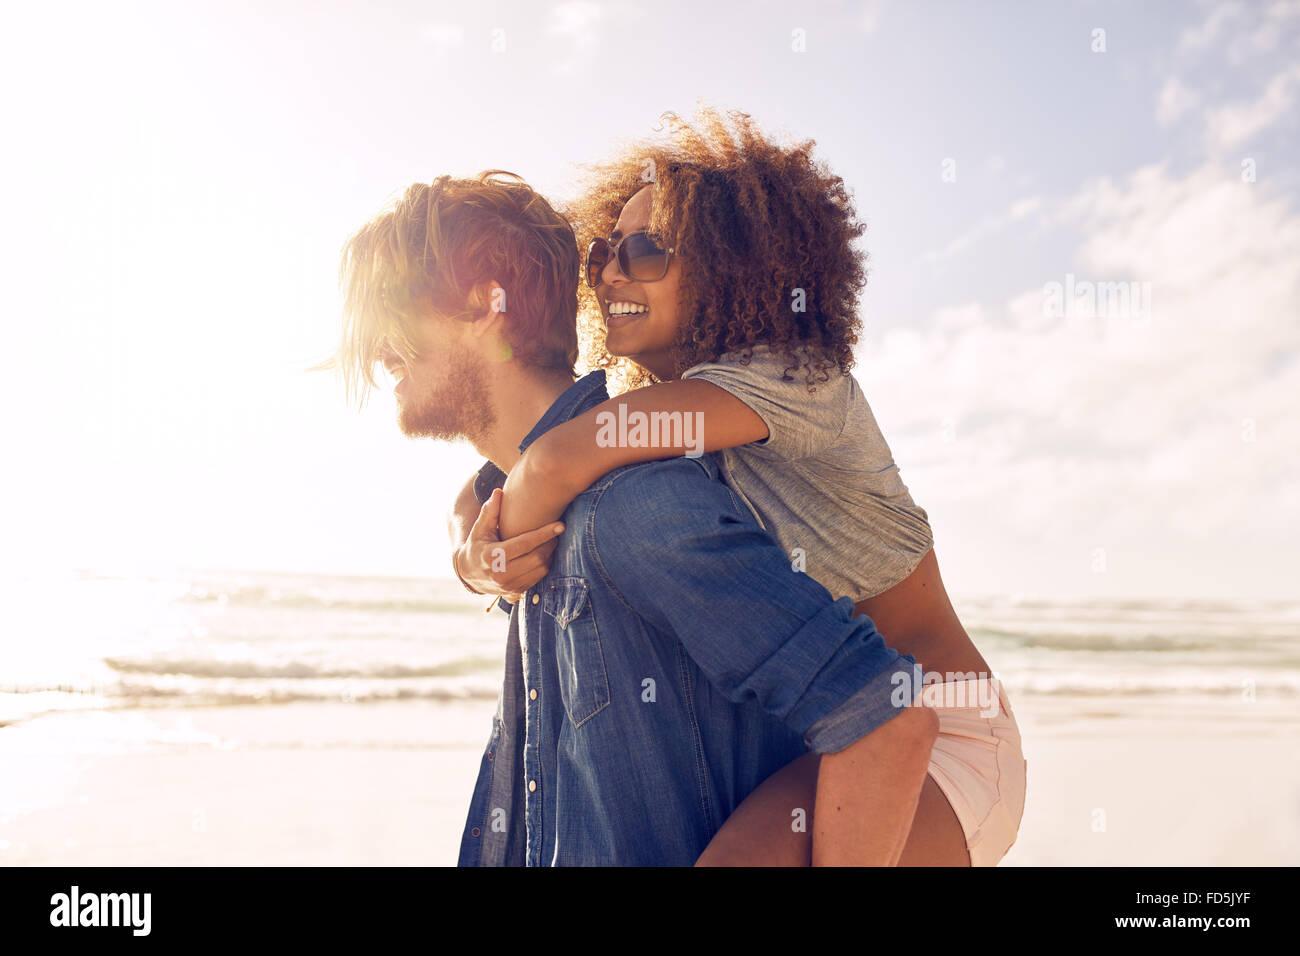 Vue de côté portrait of young man carrying son amie sur son dos à la plage. Donnant de petits amis piggyback ride Banque D'Images